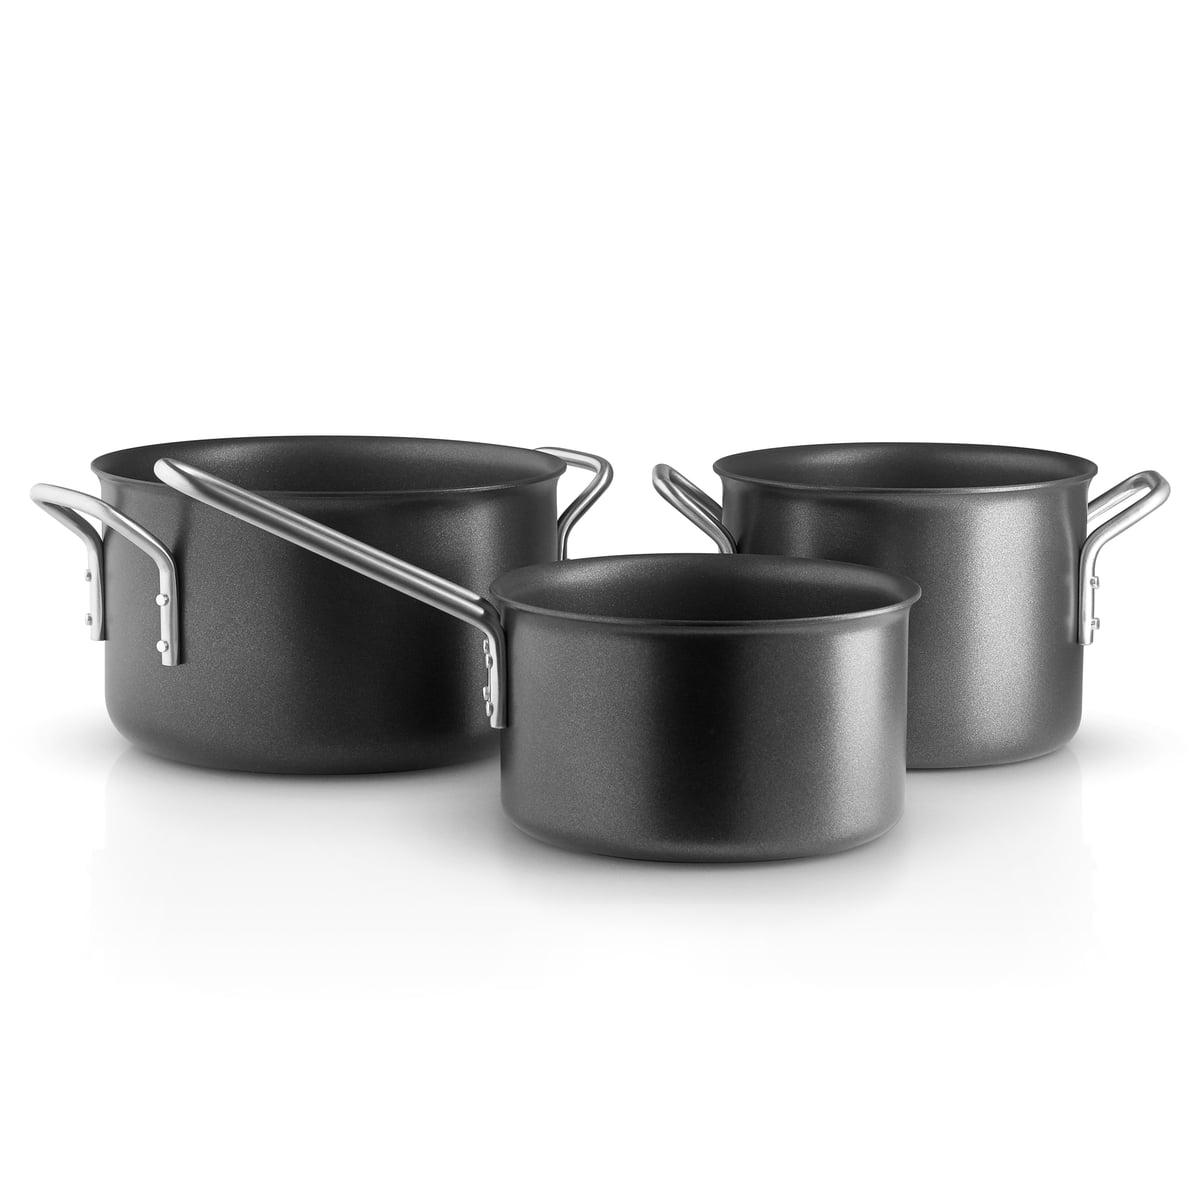 Eva Solo Eva Trio - Black Line Topfset, 3-teilig | Küche und Esszimmer > Kochen und Backen > Töpfe | Schwarz | Eva Solo